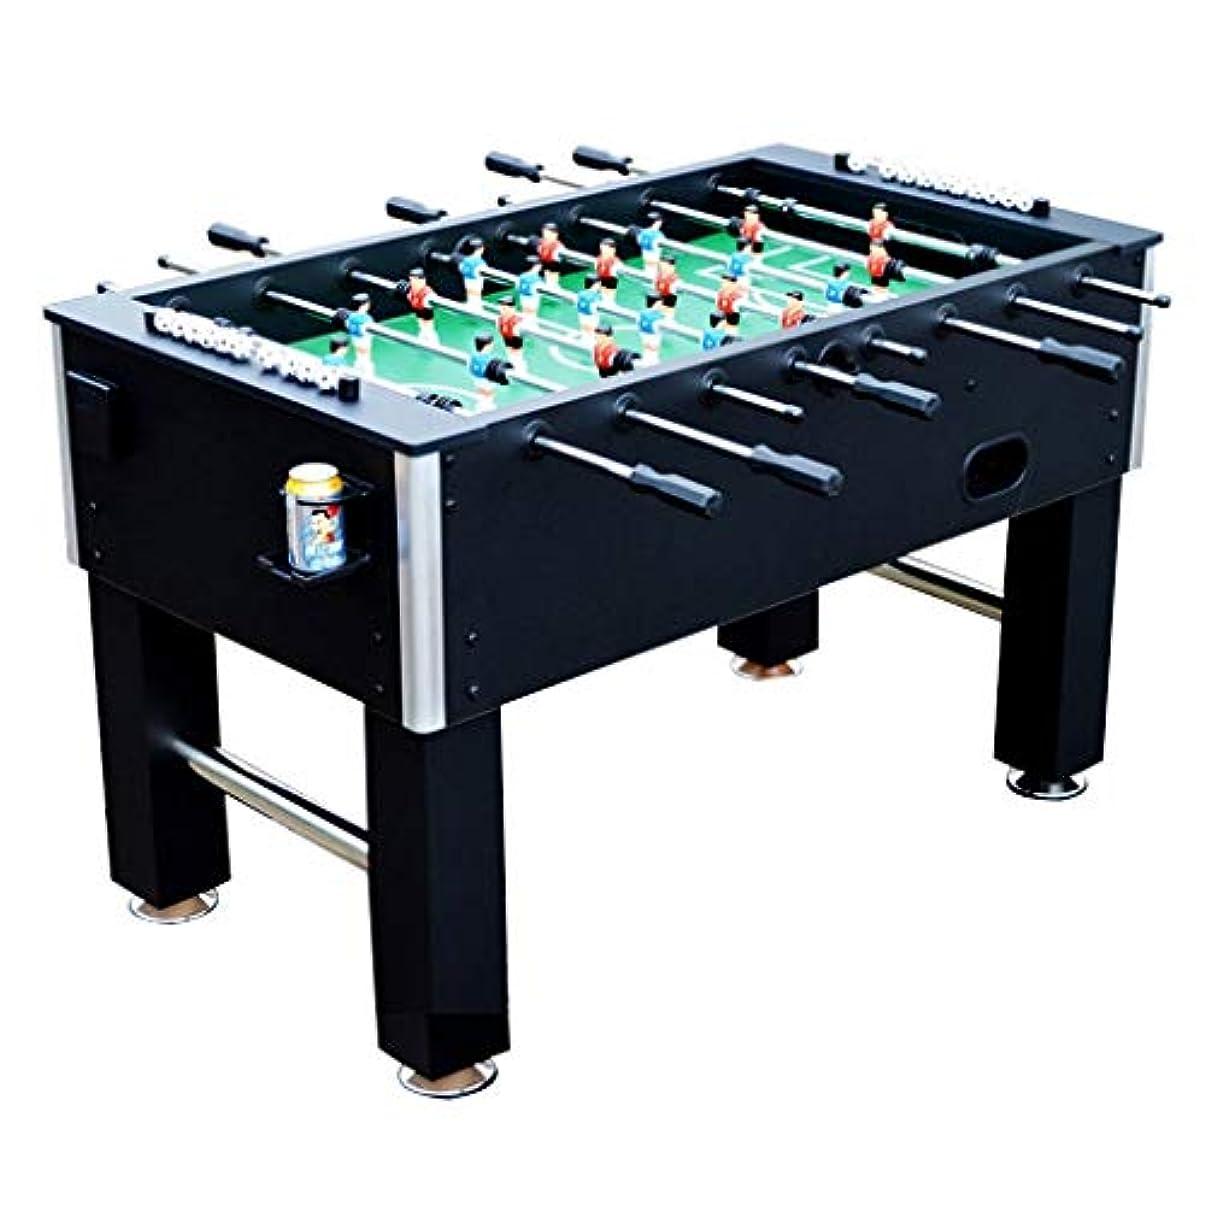 怖がって死ぬ純正スマート屋内ゲームテーブル黒大人子供の標準8テーブルサッカー機のおもちゃ大型サッカーテーブルギフトショッピングモールサッカー機140センチ (Color : BLACK, Size : 140*75*87CM)